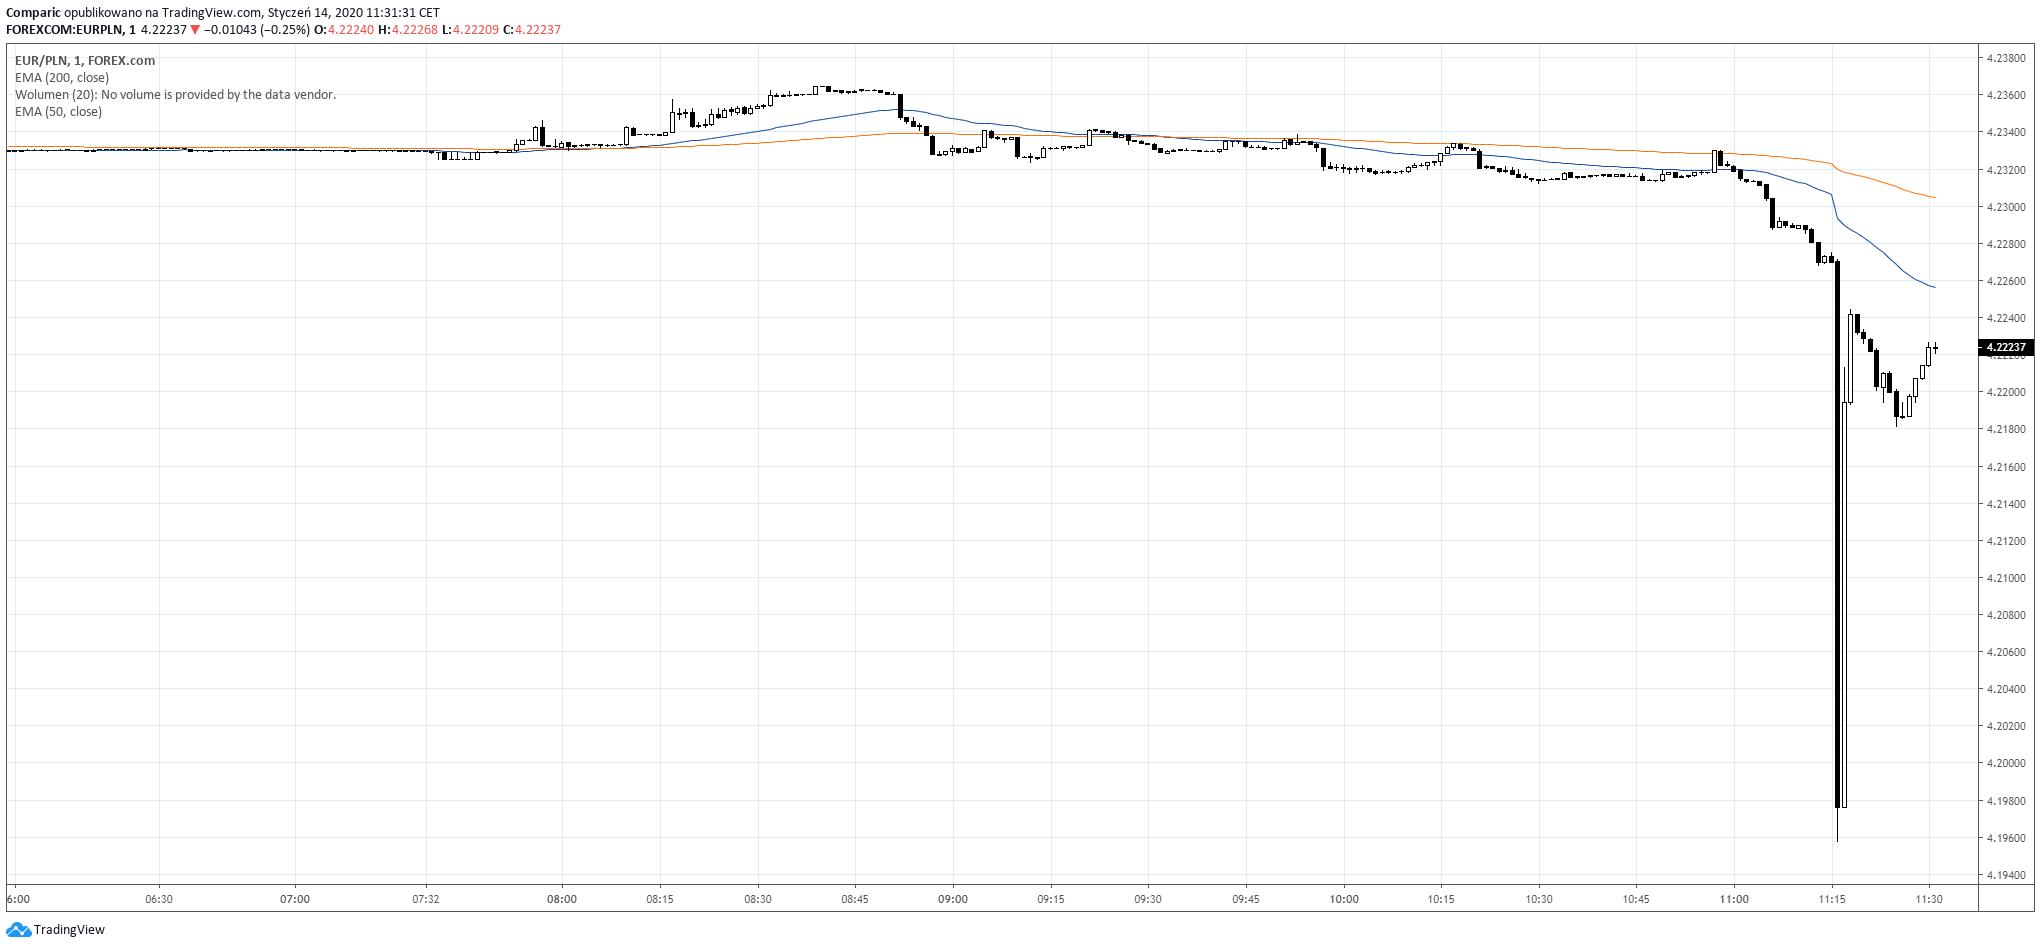 Kurs euro niespodziewanie osuwa się poniżej 4,20 zł, po czym odbija w górę. Źródło: Tradingview.com